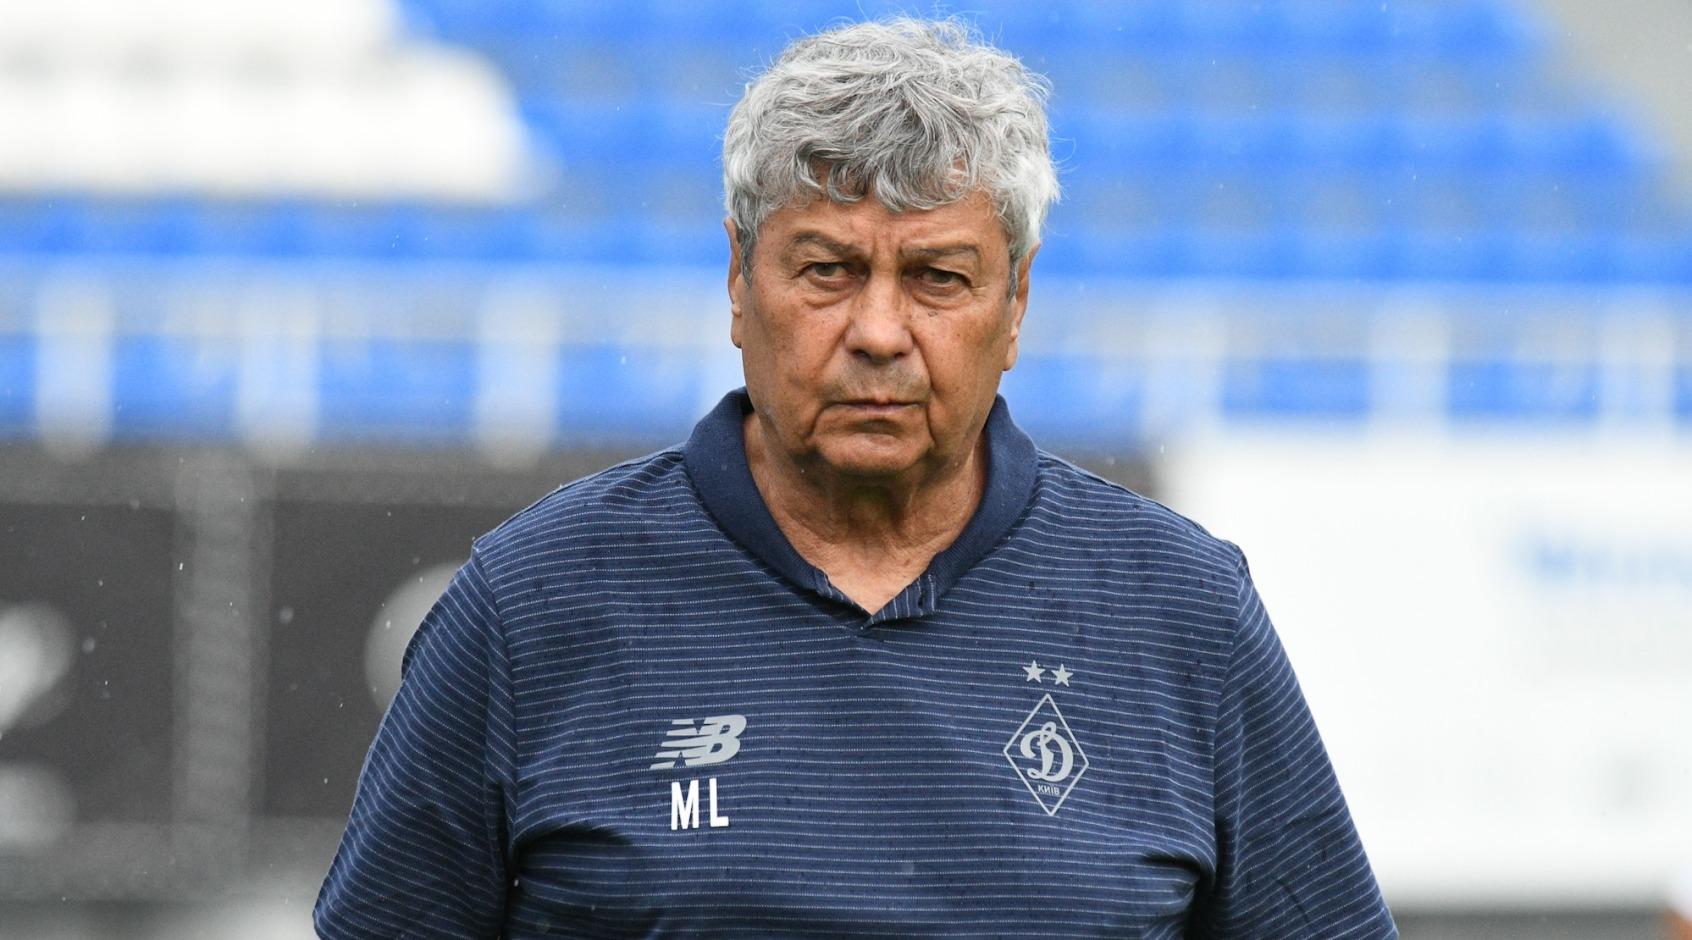 Мирча Луческу станет самым возрастным тренером в истории группового этапа Лиги чемпионов